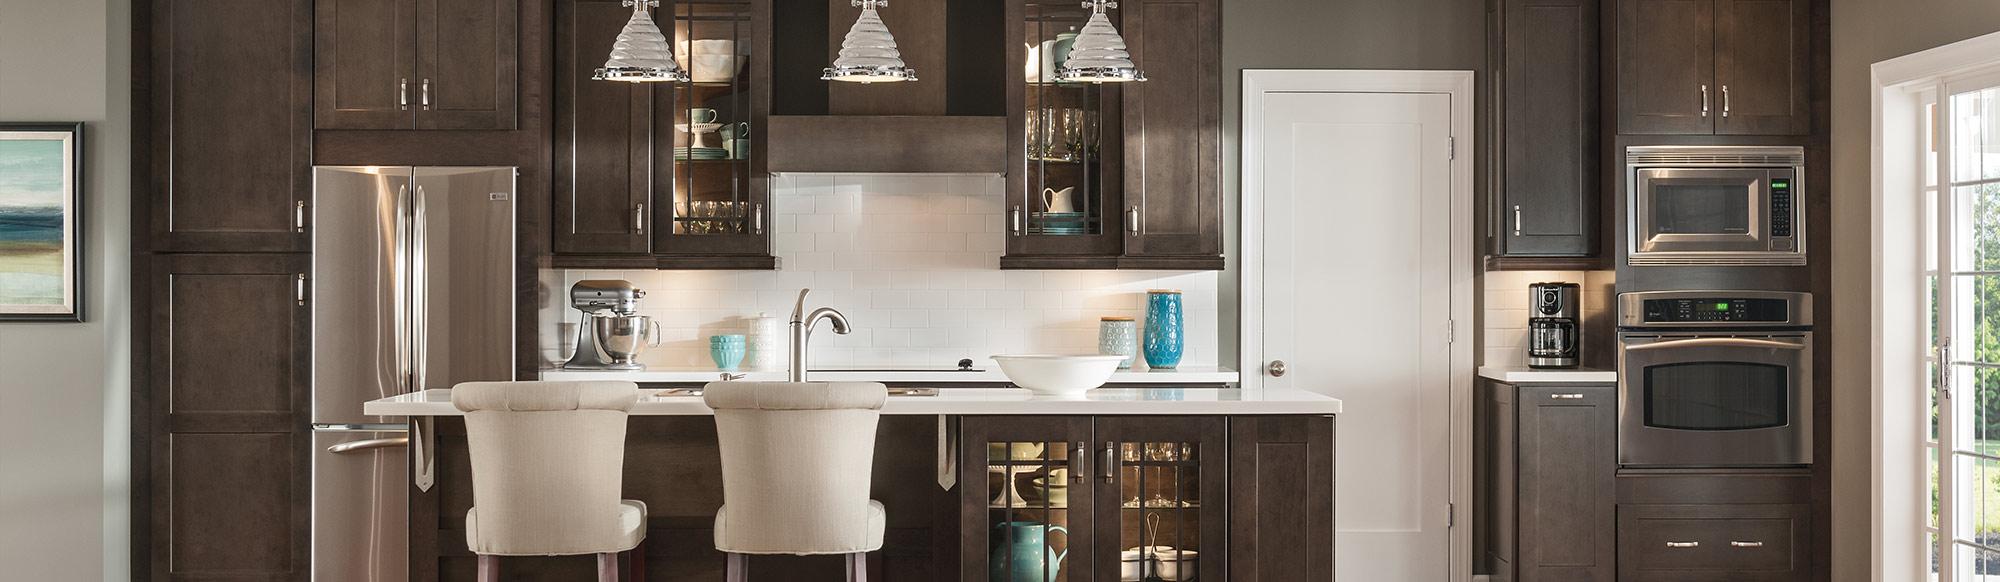 Dark wood kitchen with white accents